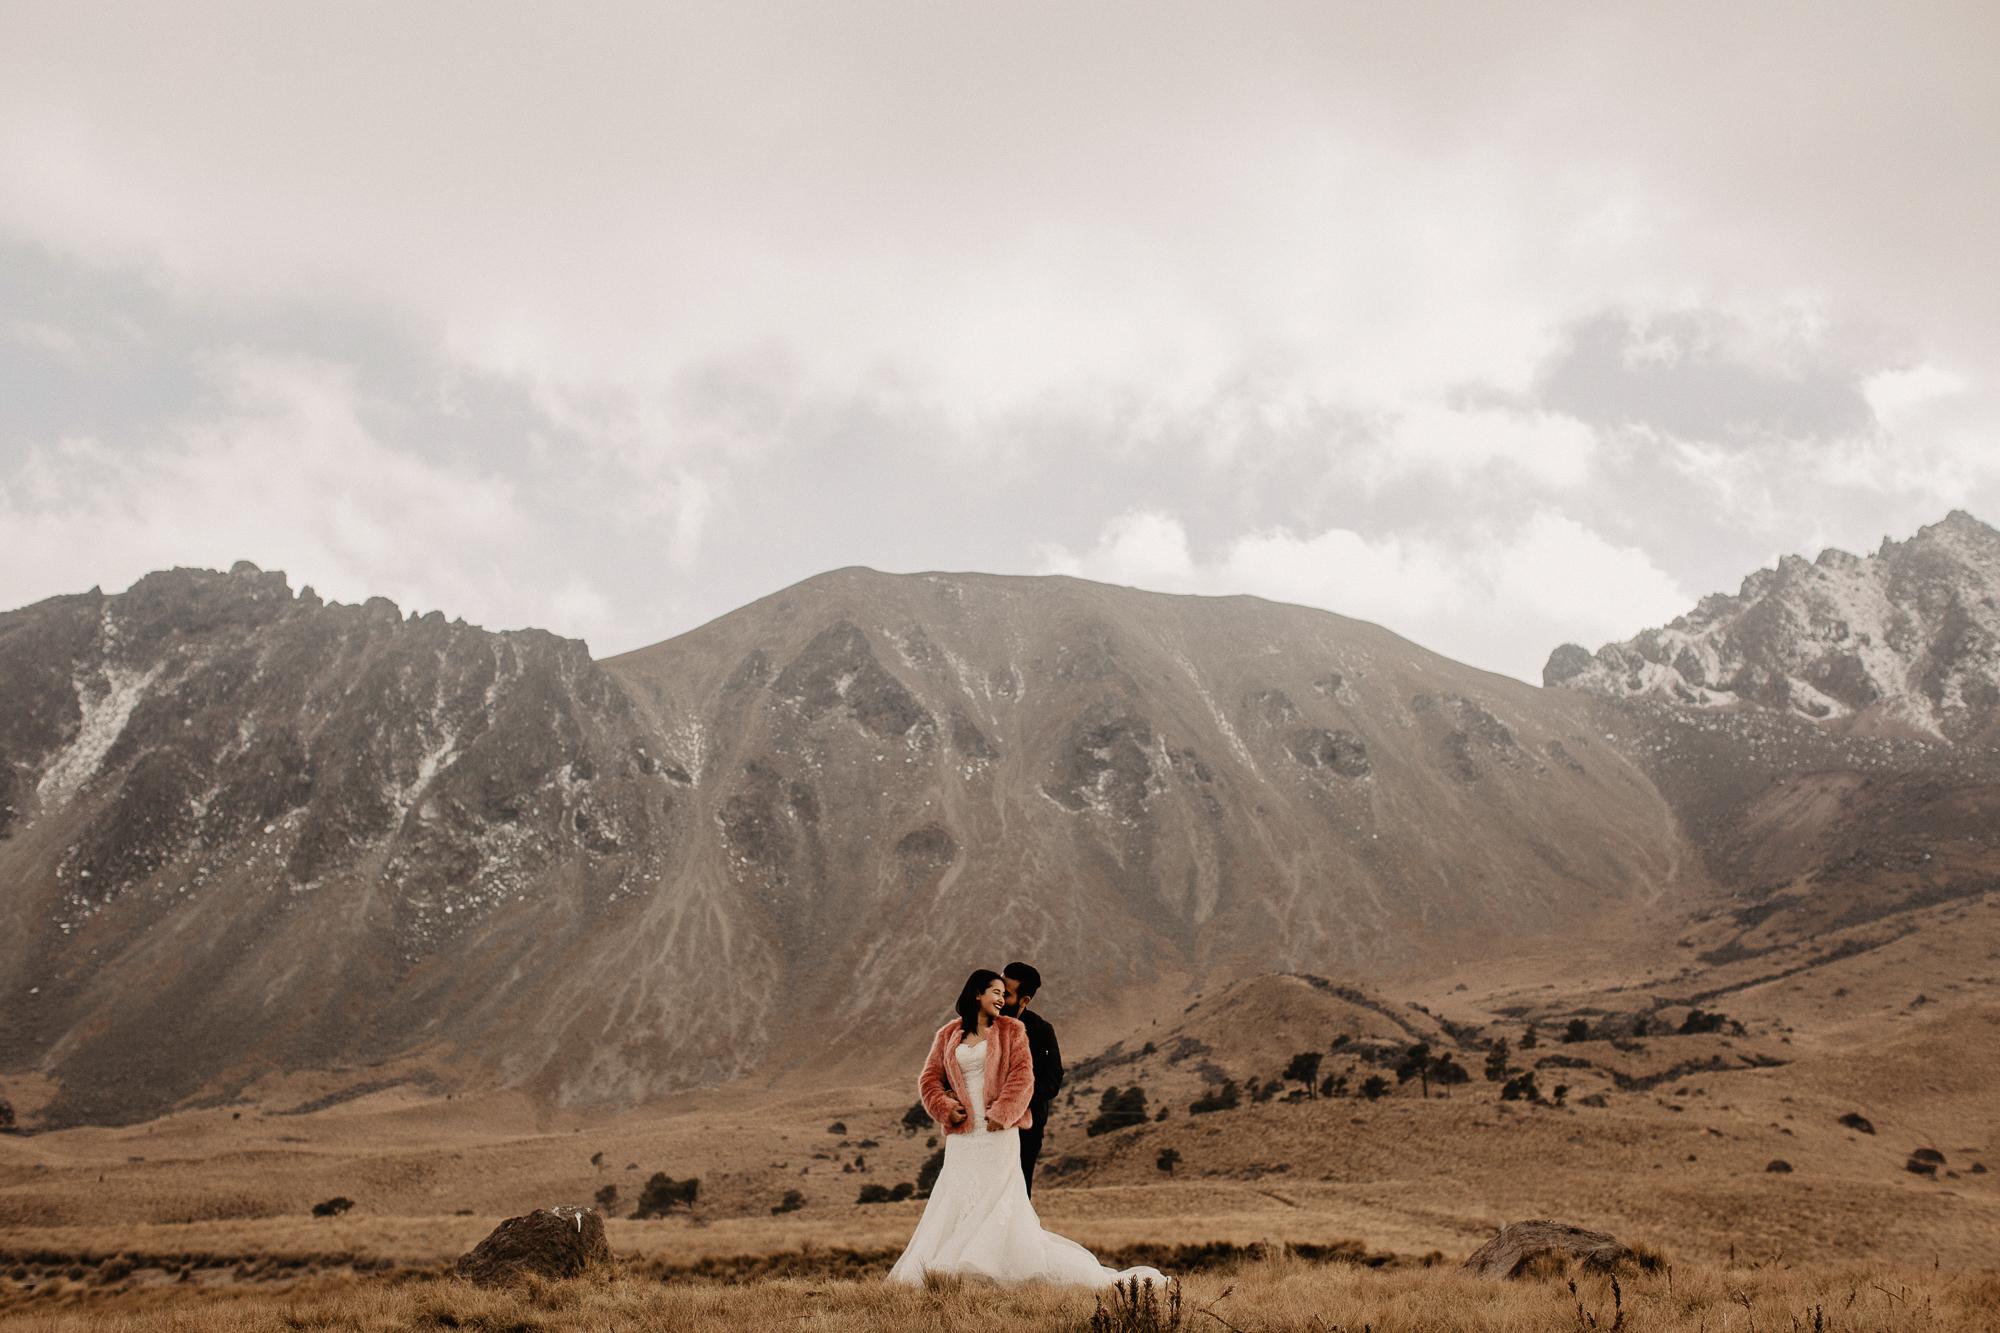 alfonso-flores-fotografo-de-bodas-nevado-de-toluca-sesion-de-pareja95.jpg